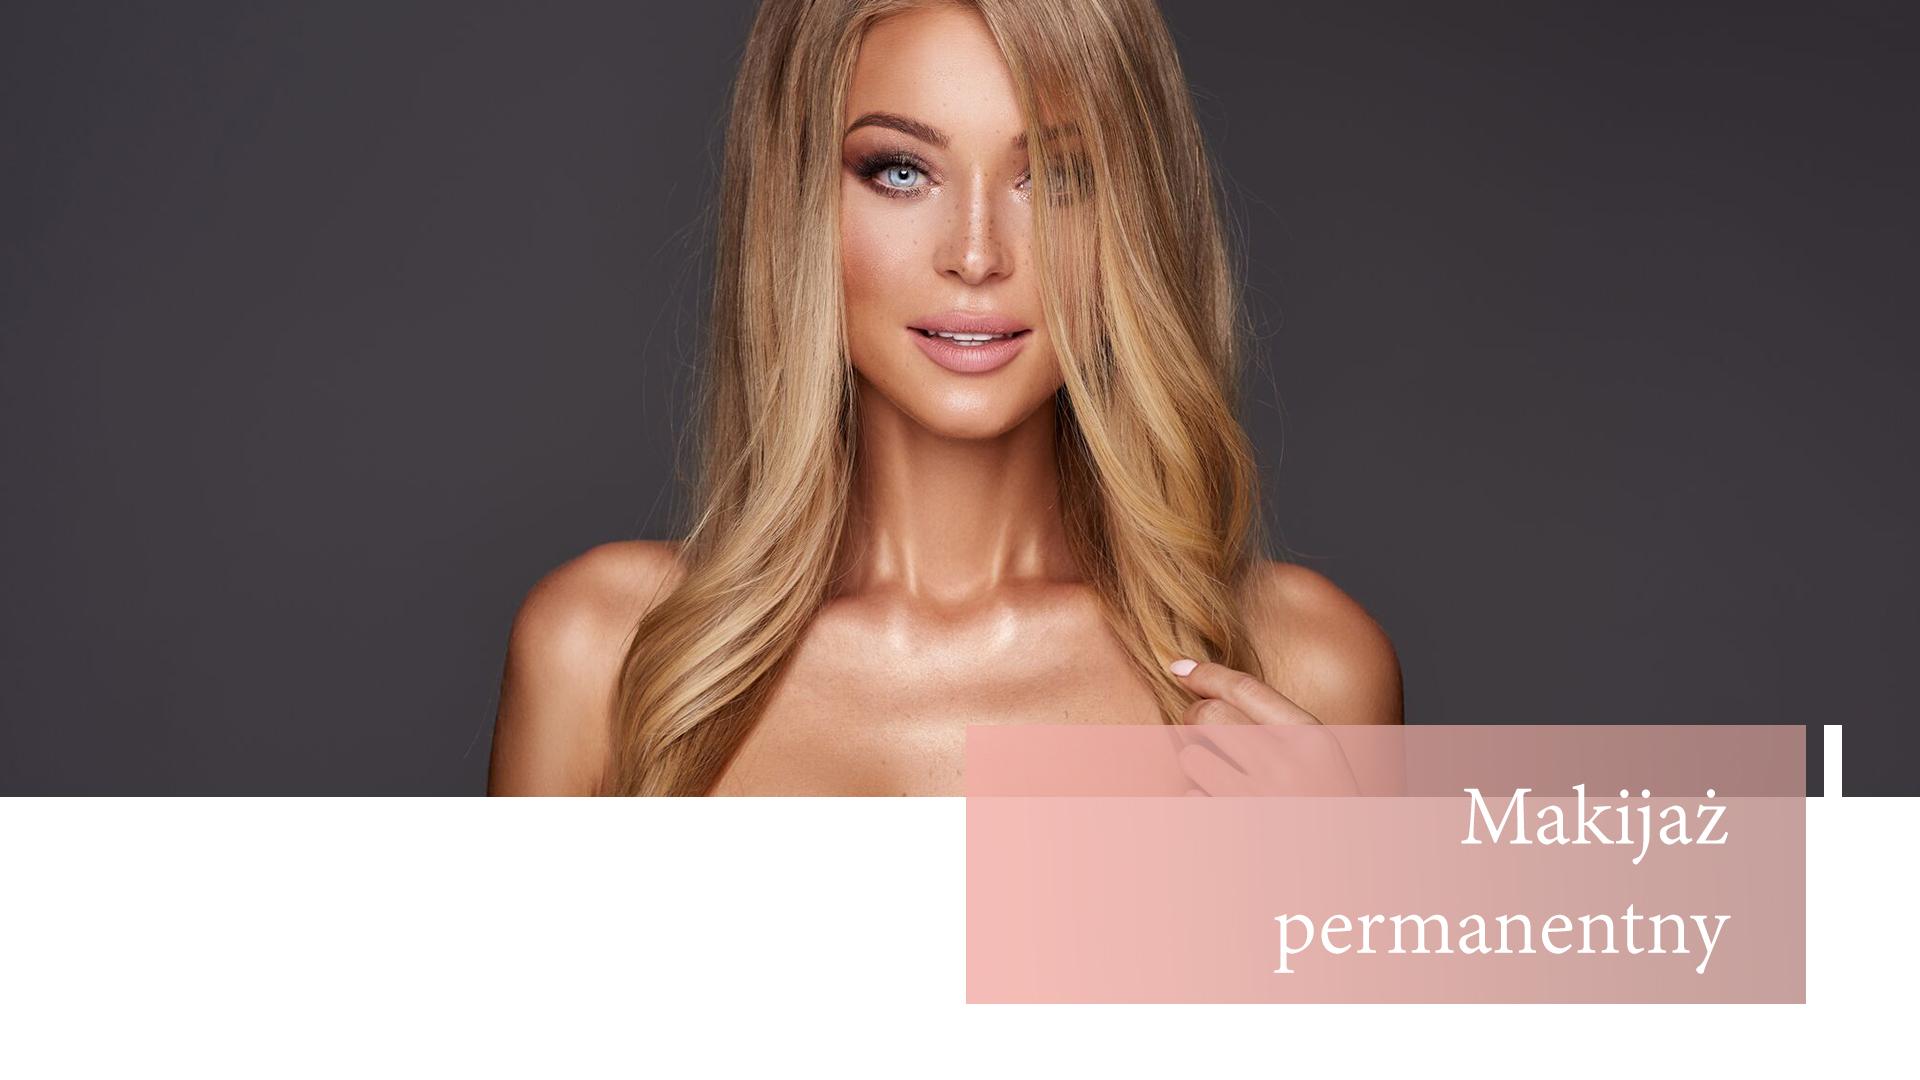 Makijaż permanentny - szkolenie - Madame Art, Poznań